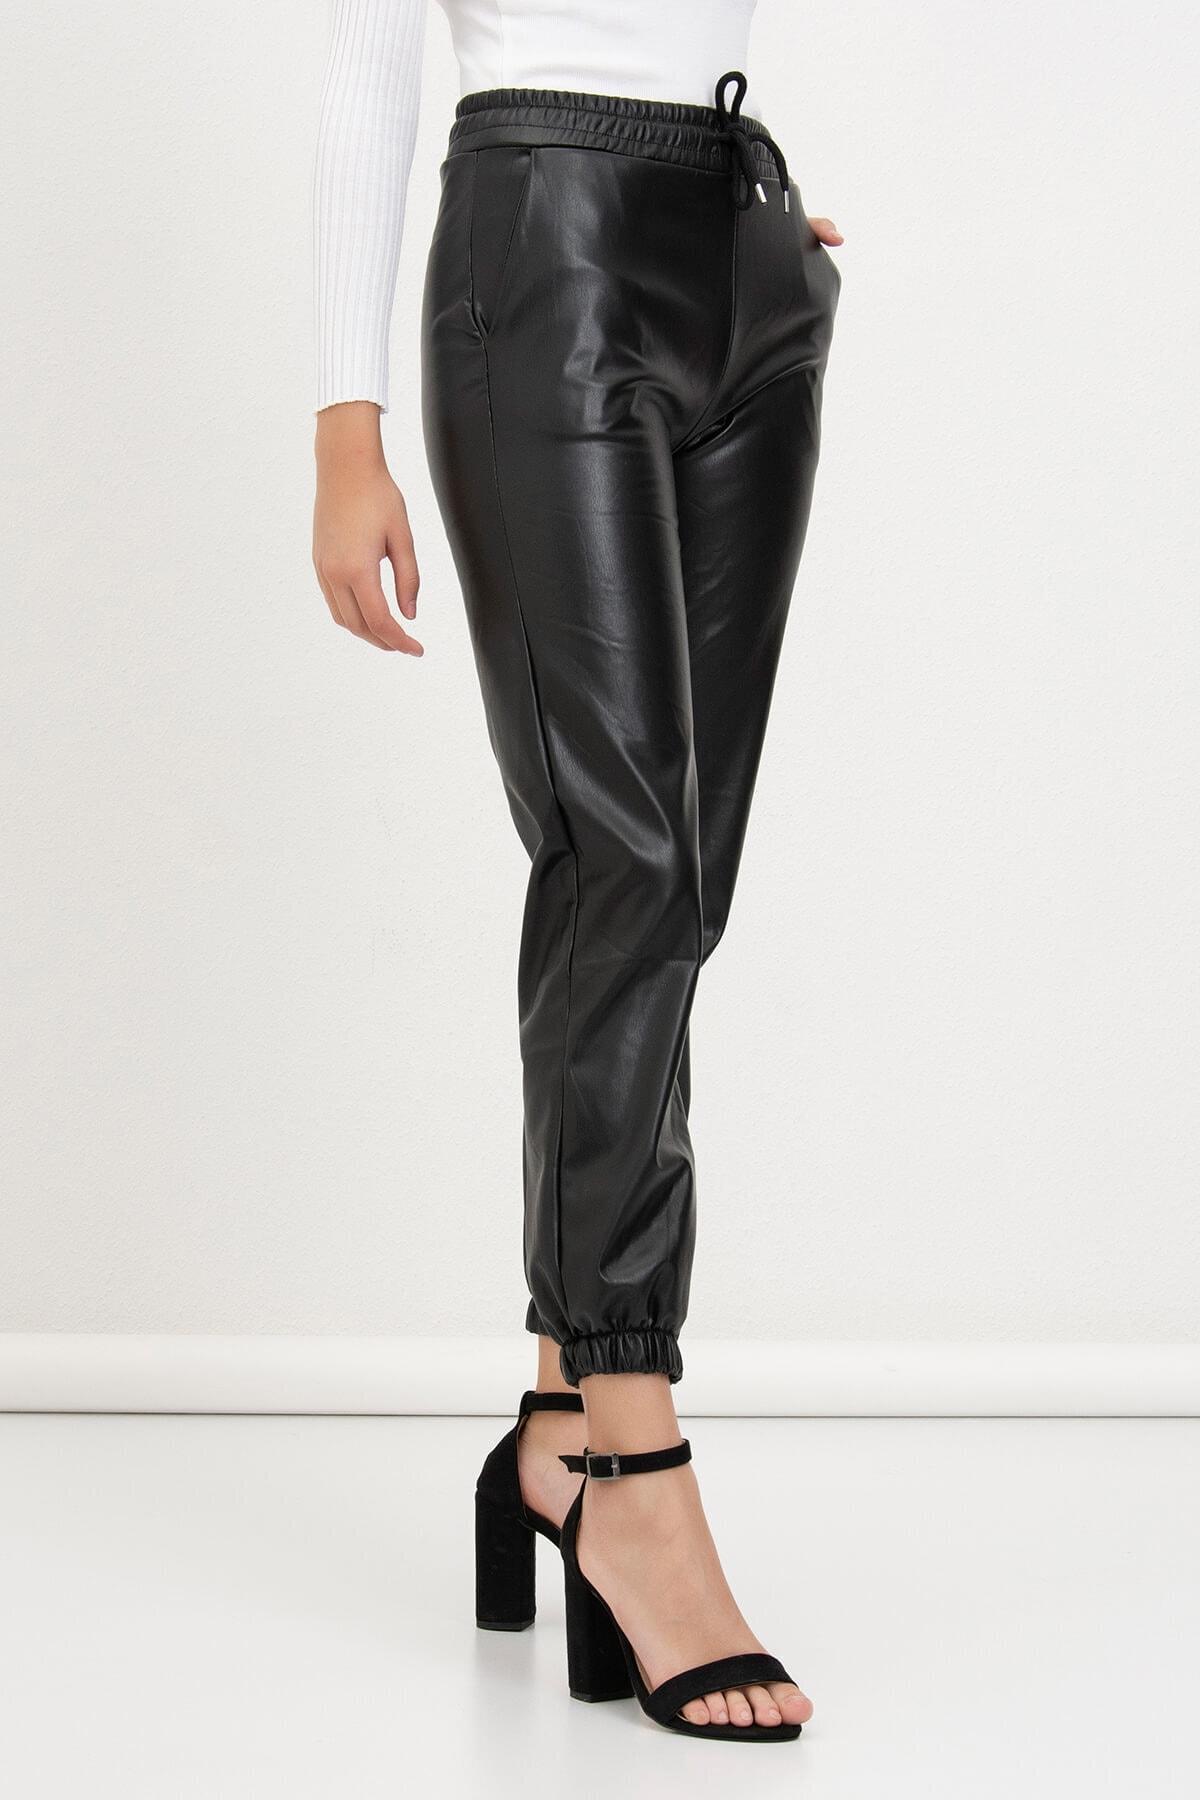 Mossta Kadın Siyah Jogger Deri Pantolon 2